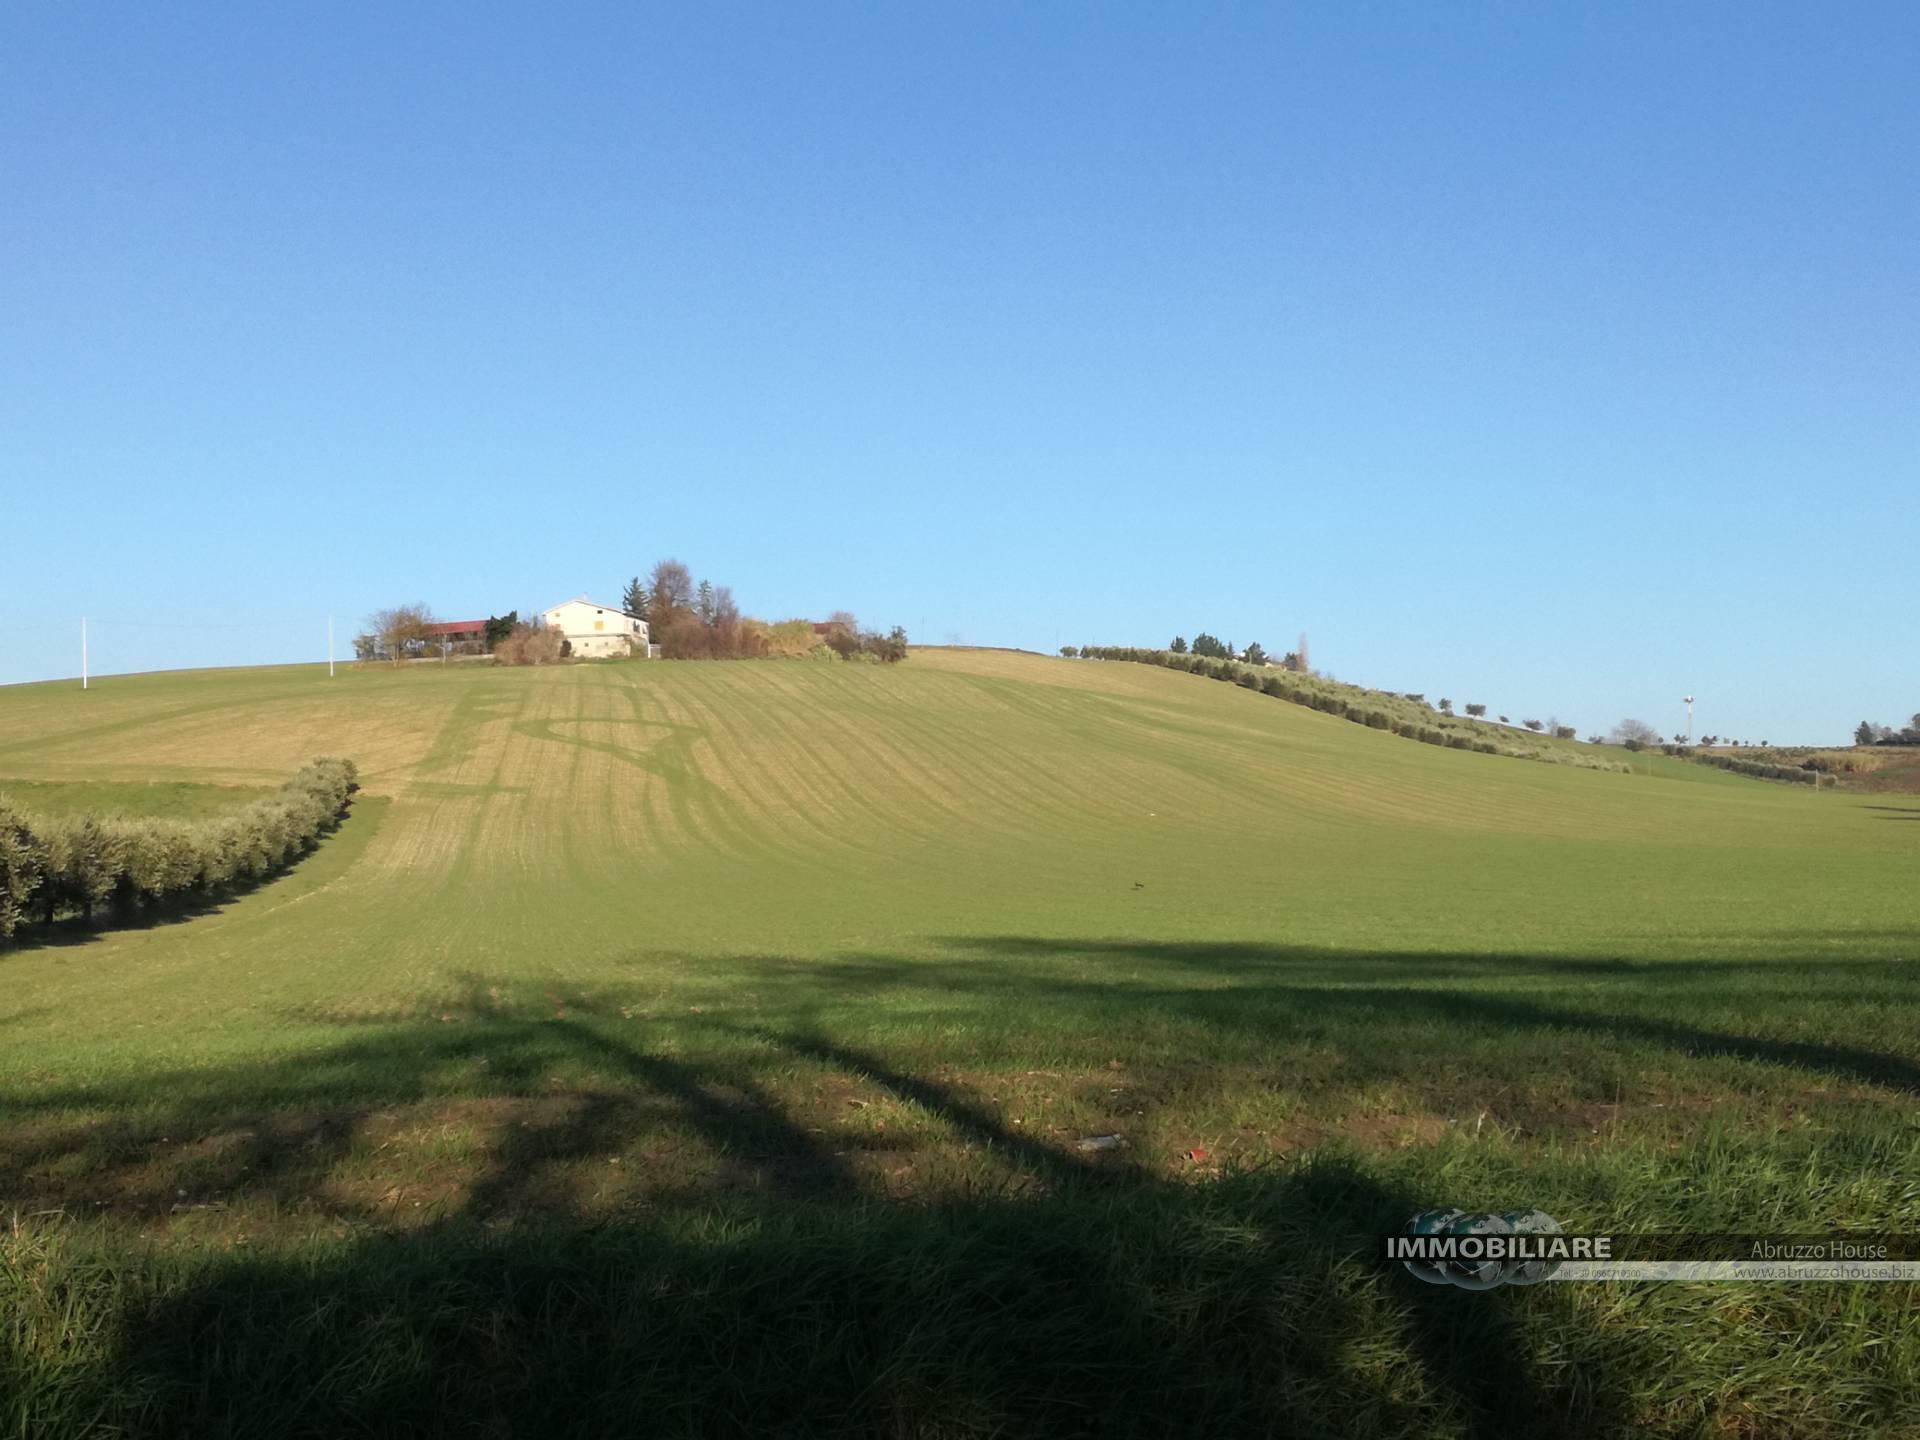 Terreno Agricolo in vendita a Sant'Omero, 9999 locali, zona Località: Garrufo, Trattative riservate | CambioCasa.it